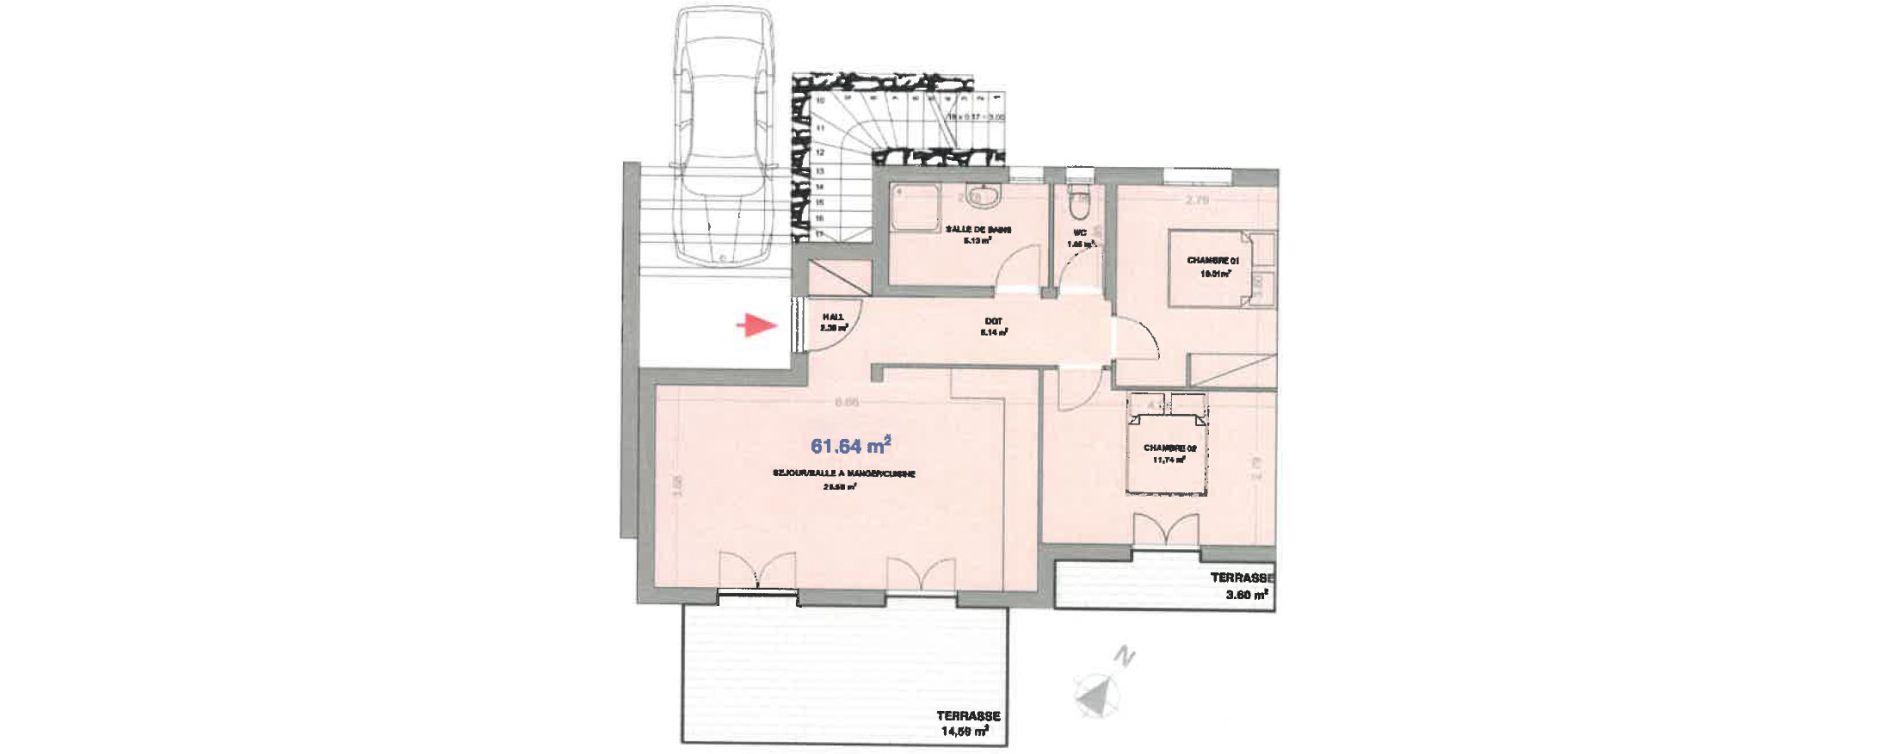 Appartement T3 de 61,64 m2 à Calenzana Centre